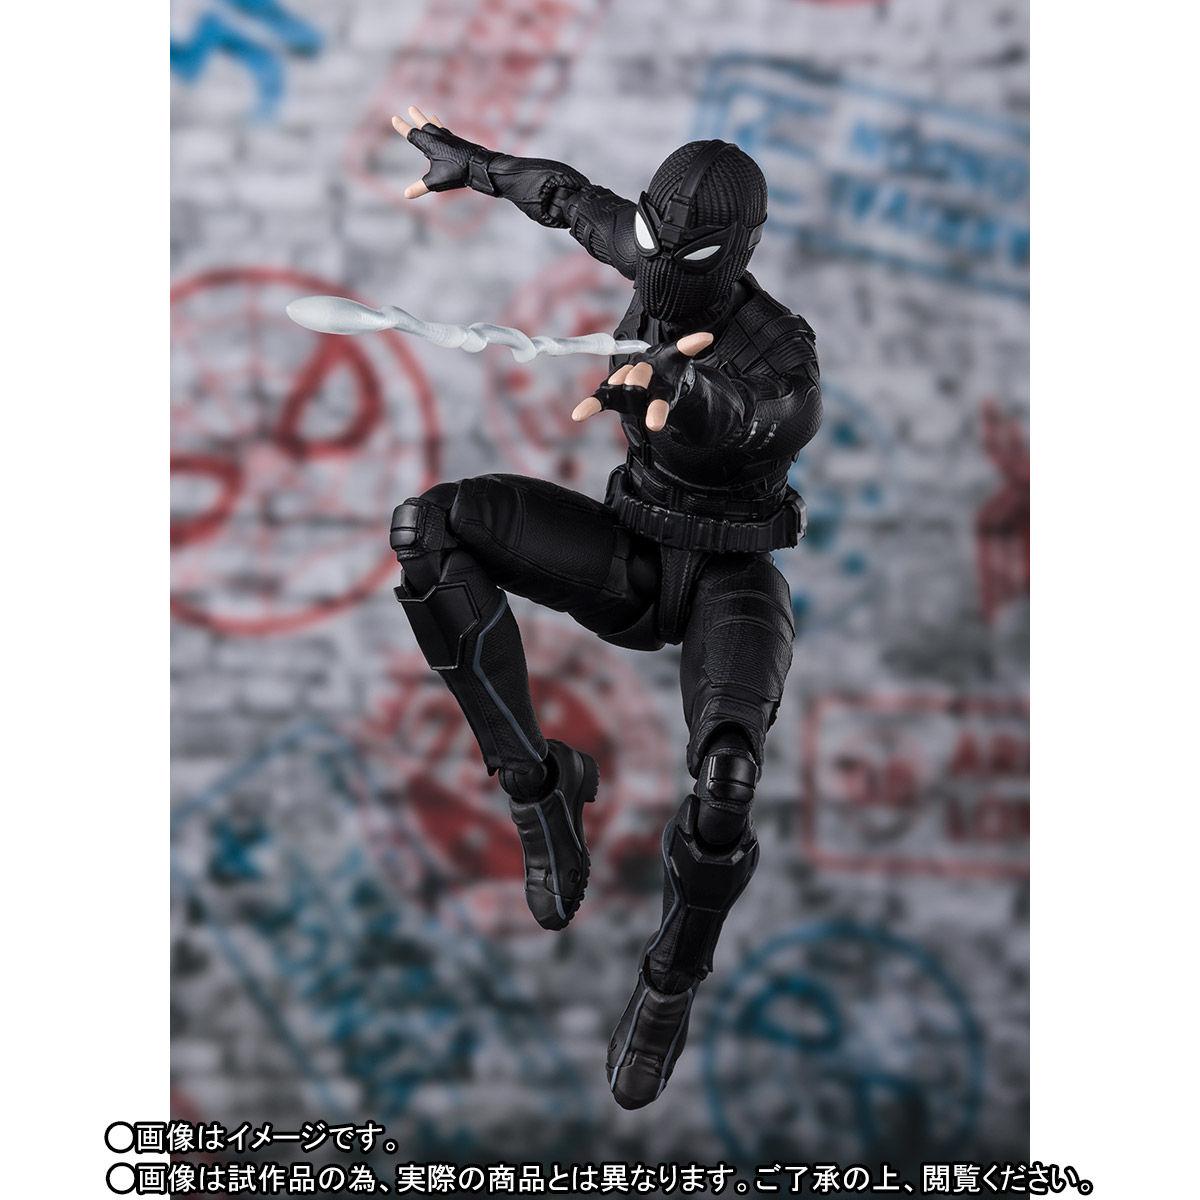 S.H.Figuarts『スパイダーマン ステルス・スーツ』スパイダーマン:ファー・フロム・ホーム アクションフィギュア-010